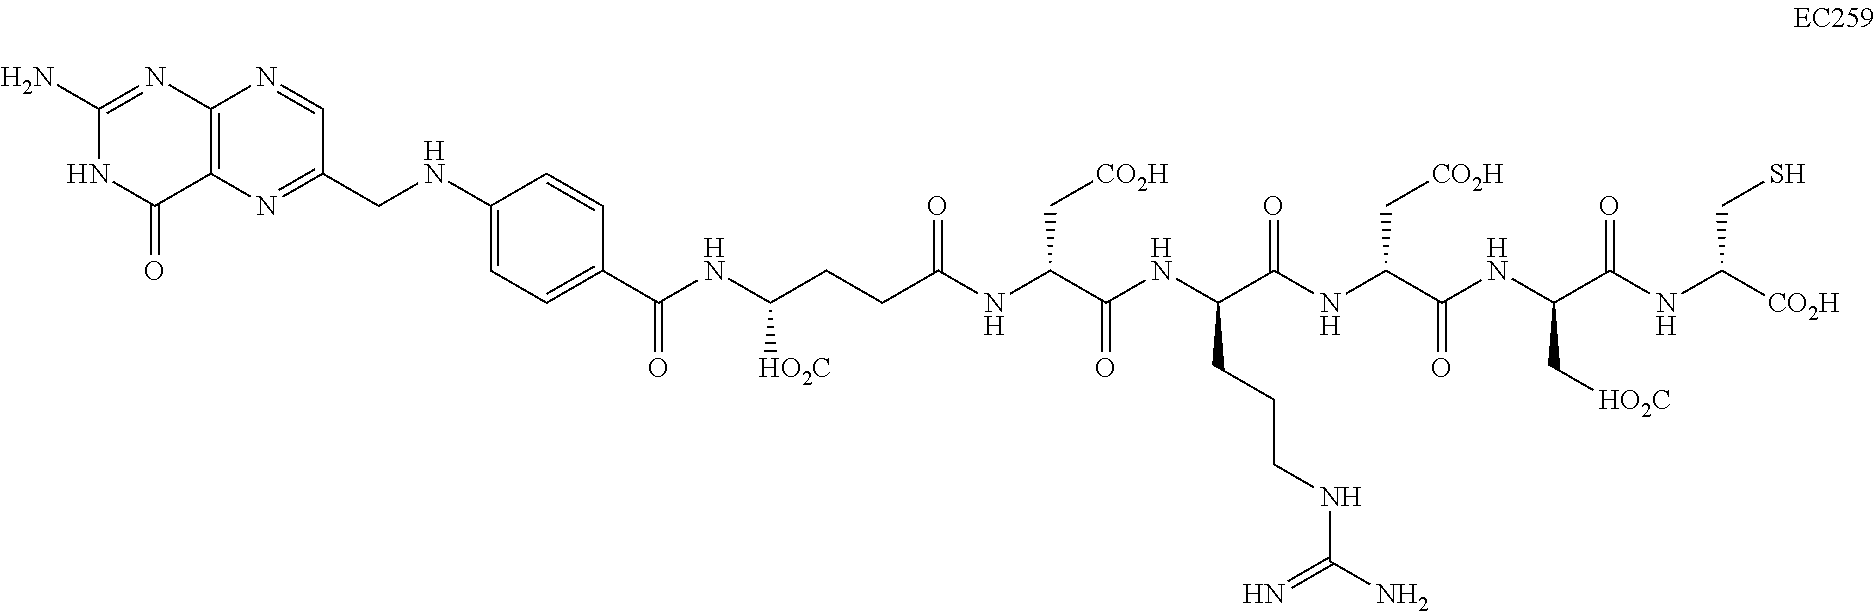 Figure US09662402-20170530-C00089